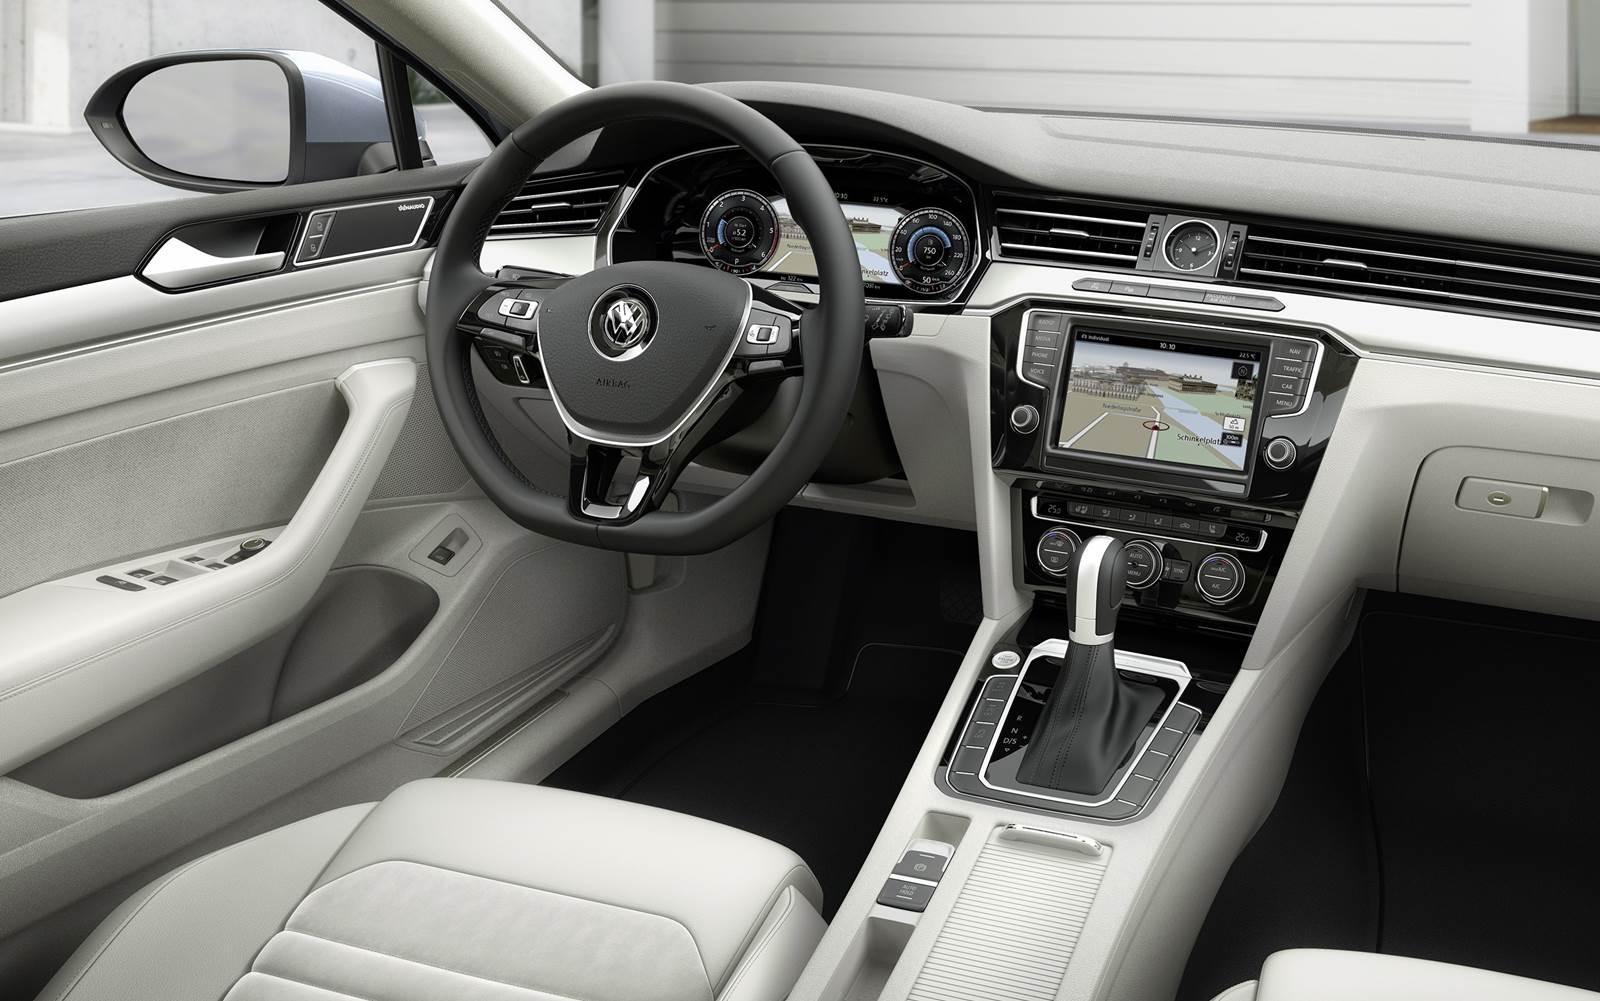 ... pode superar a Toyota e ser líder em 2014   CAR.BLOG.BR - Carros Vw Beetle 2014 Interior